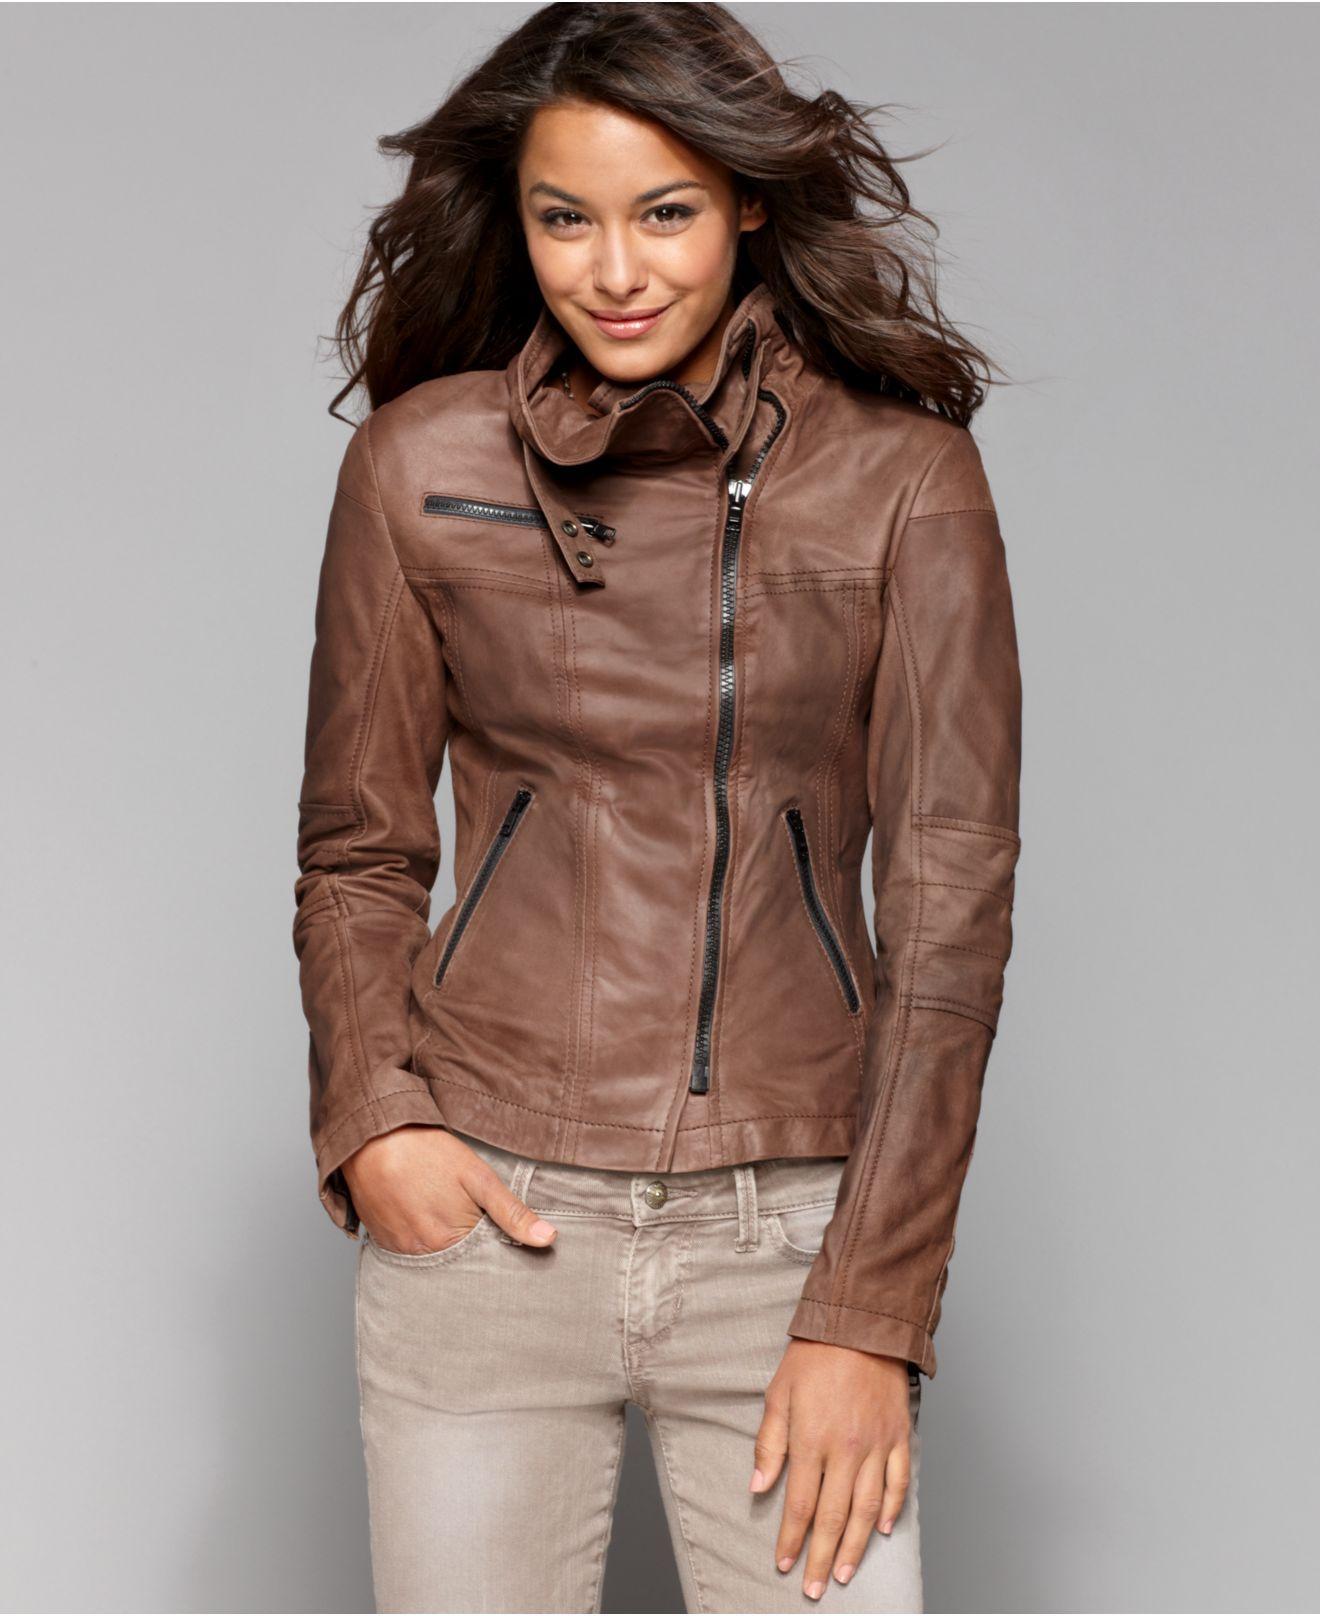 Buffalo David Bitton Jacket Leather Motorcycle Juniors Jackets Coats Macy S 350 00 Buffalo Jacket Jackets Coats For Women